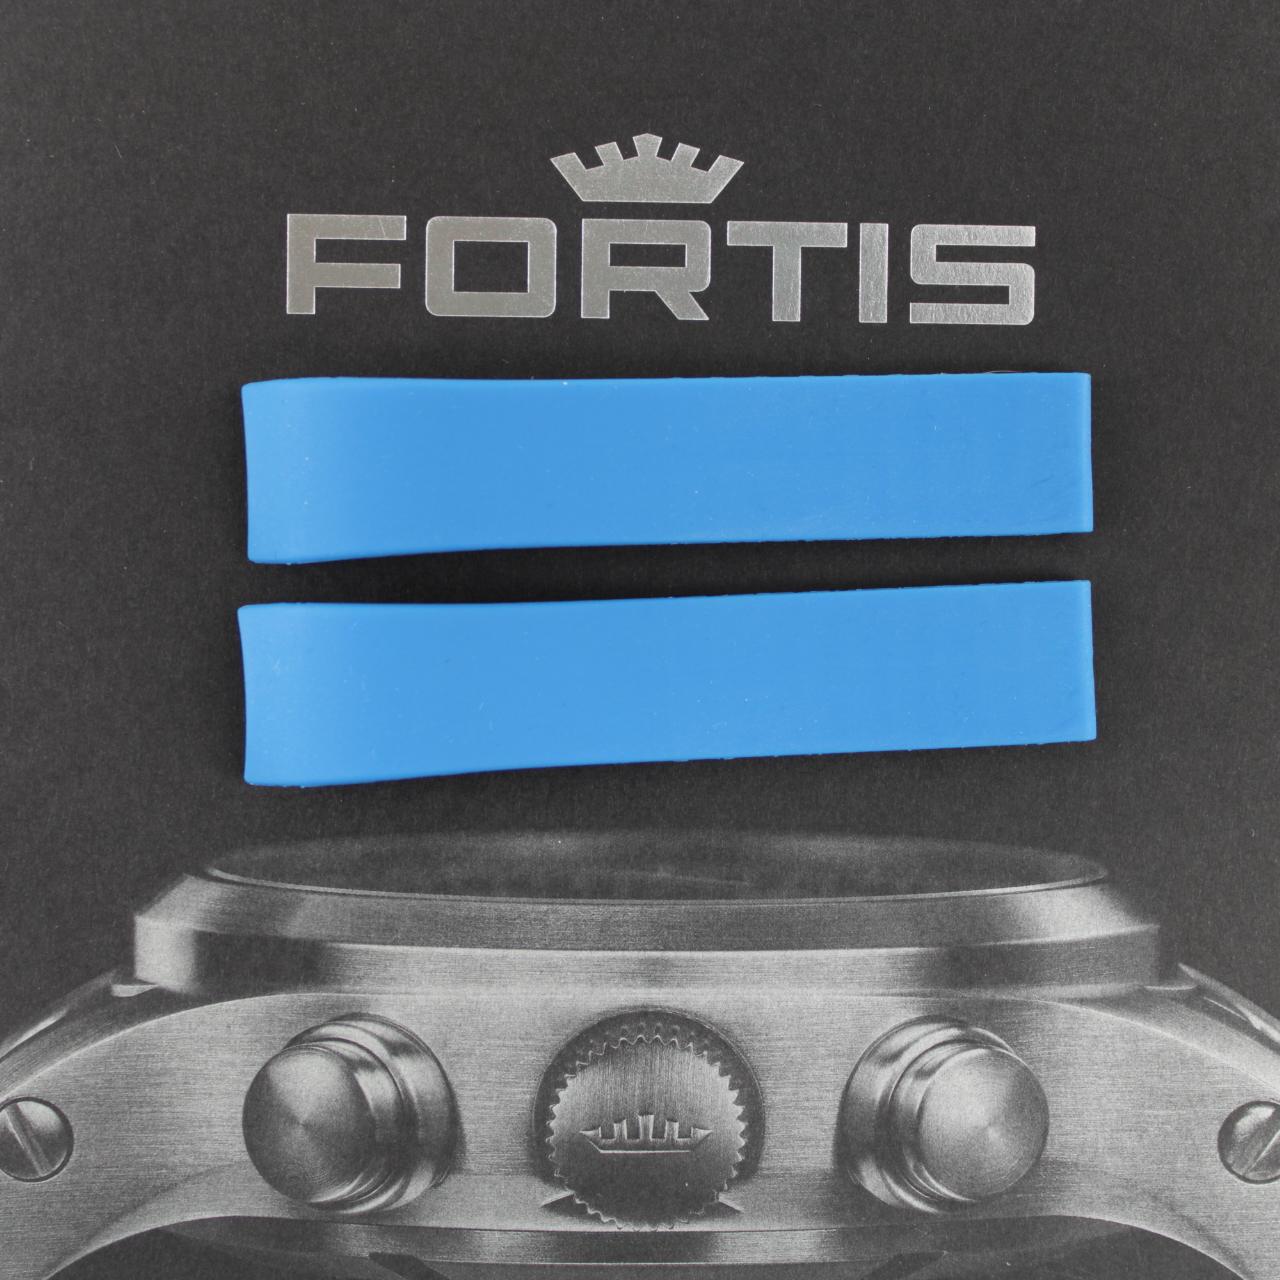 Fortis Spacematic Silikonband mit integrierten Anstoß blau